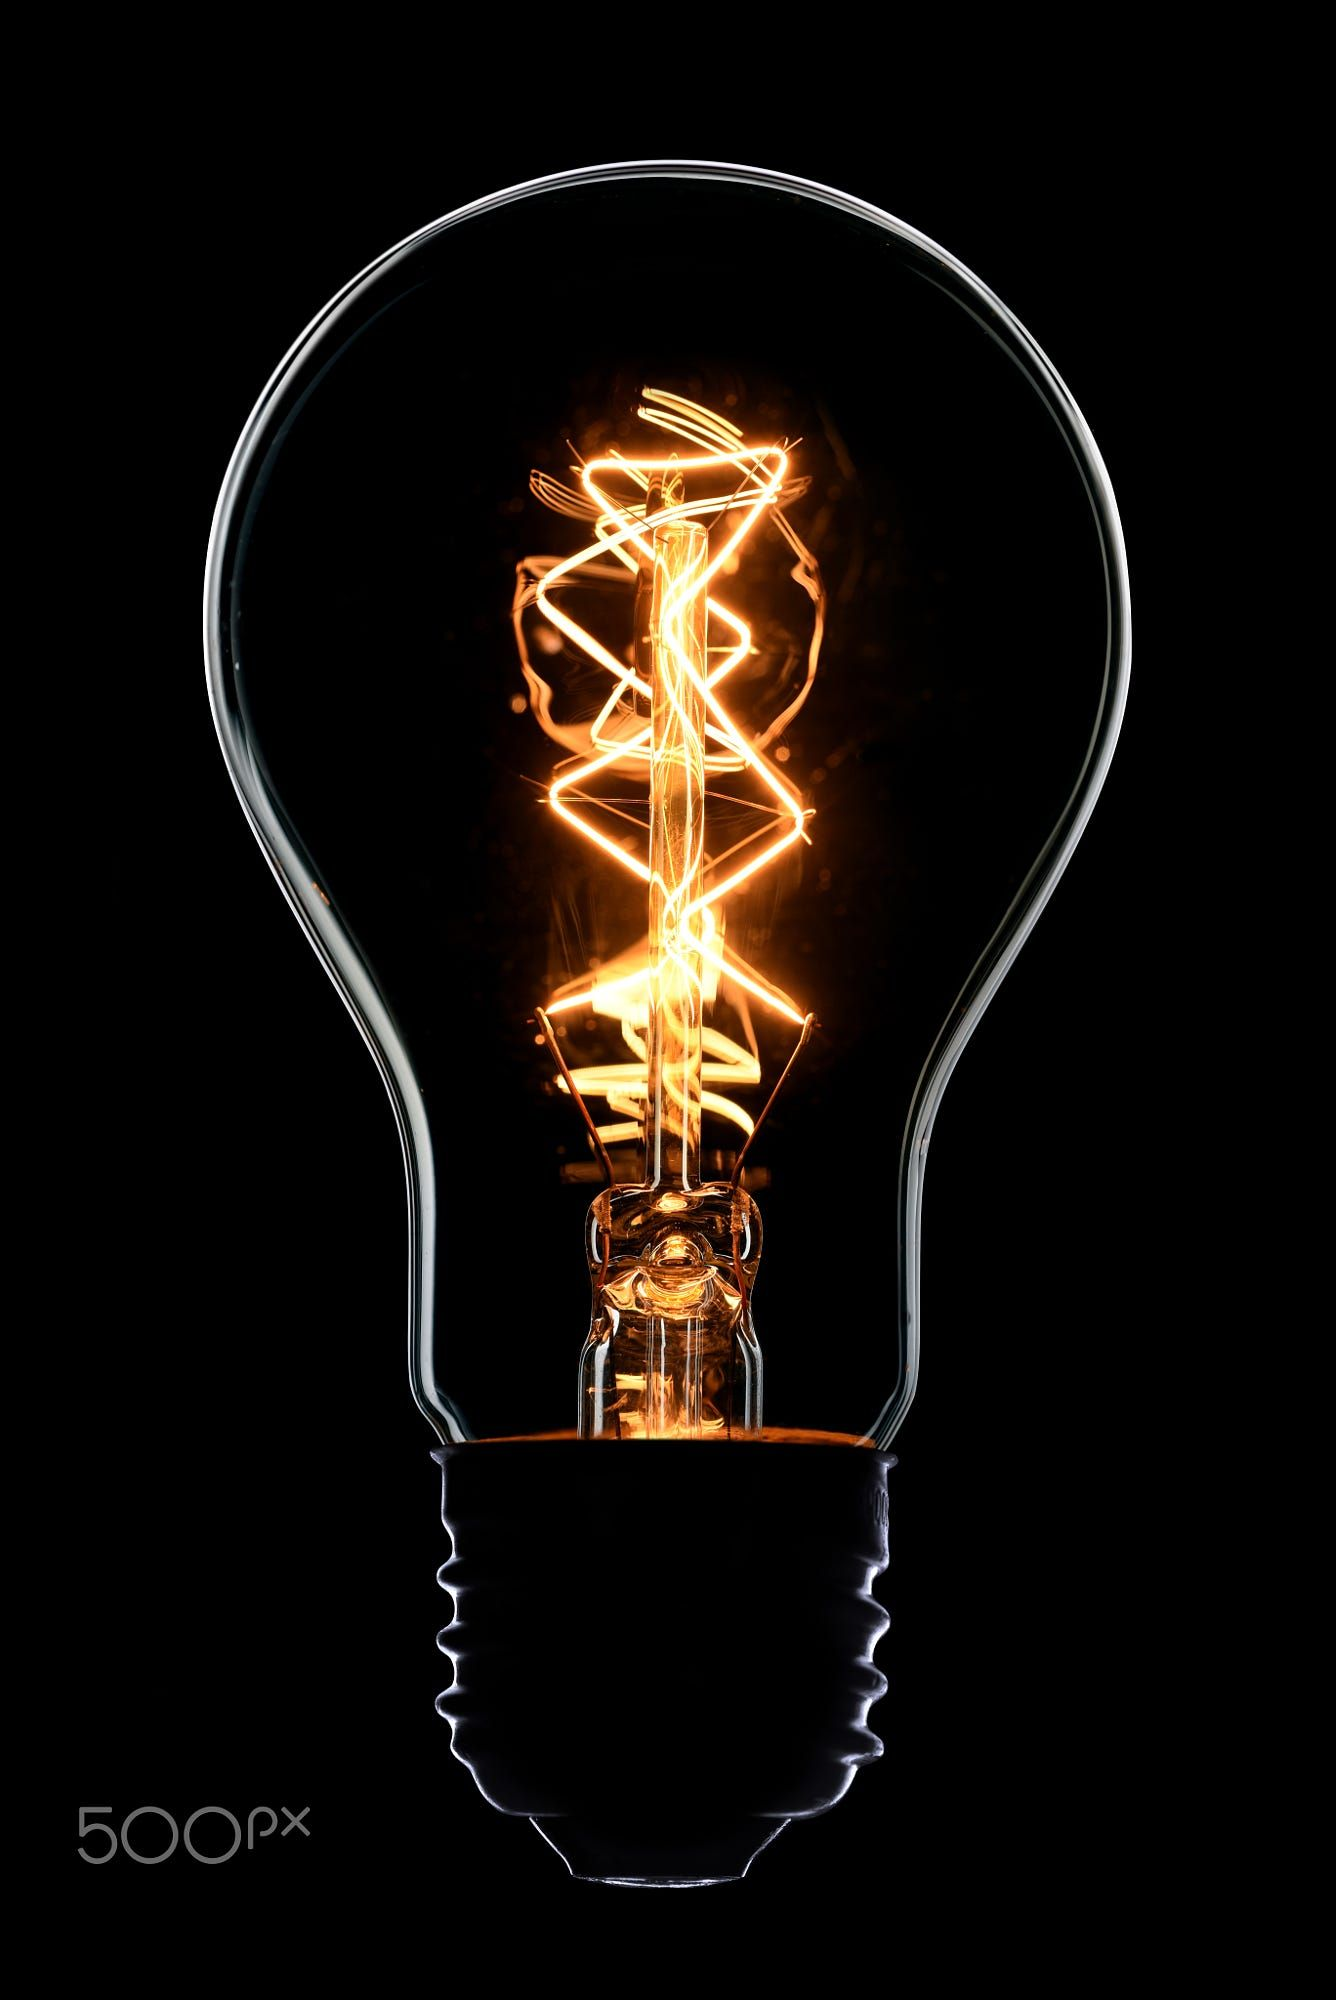 Vintage Light Bulb On Black Background